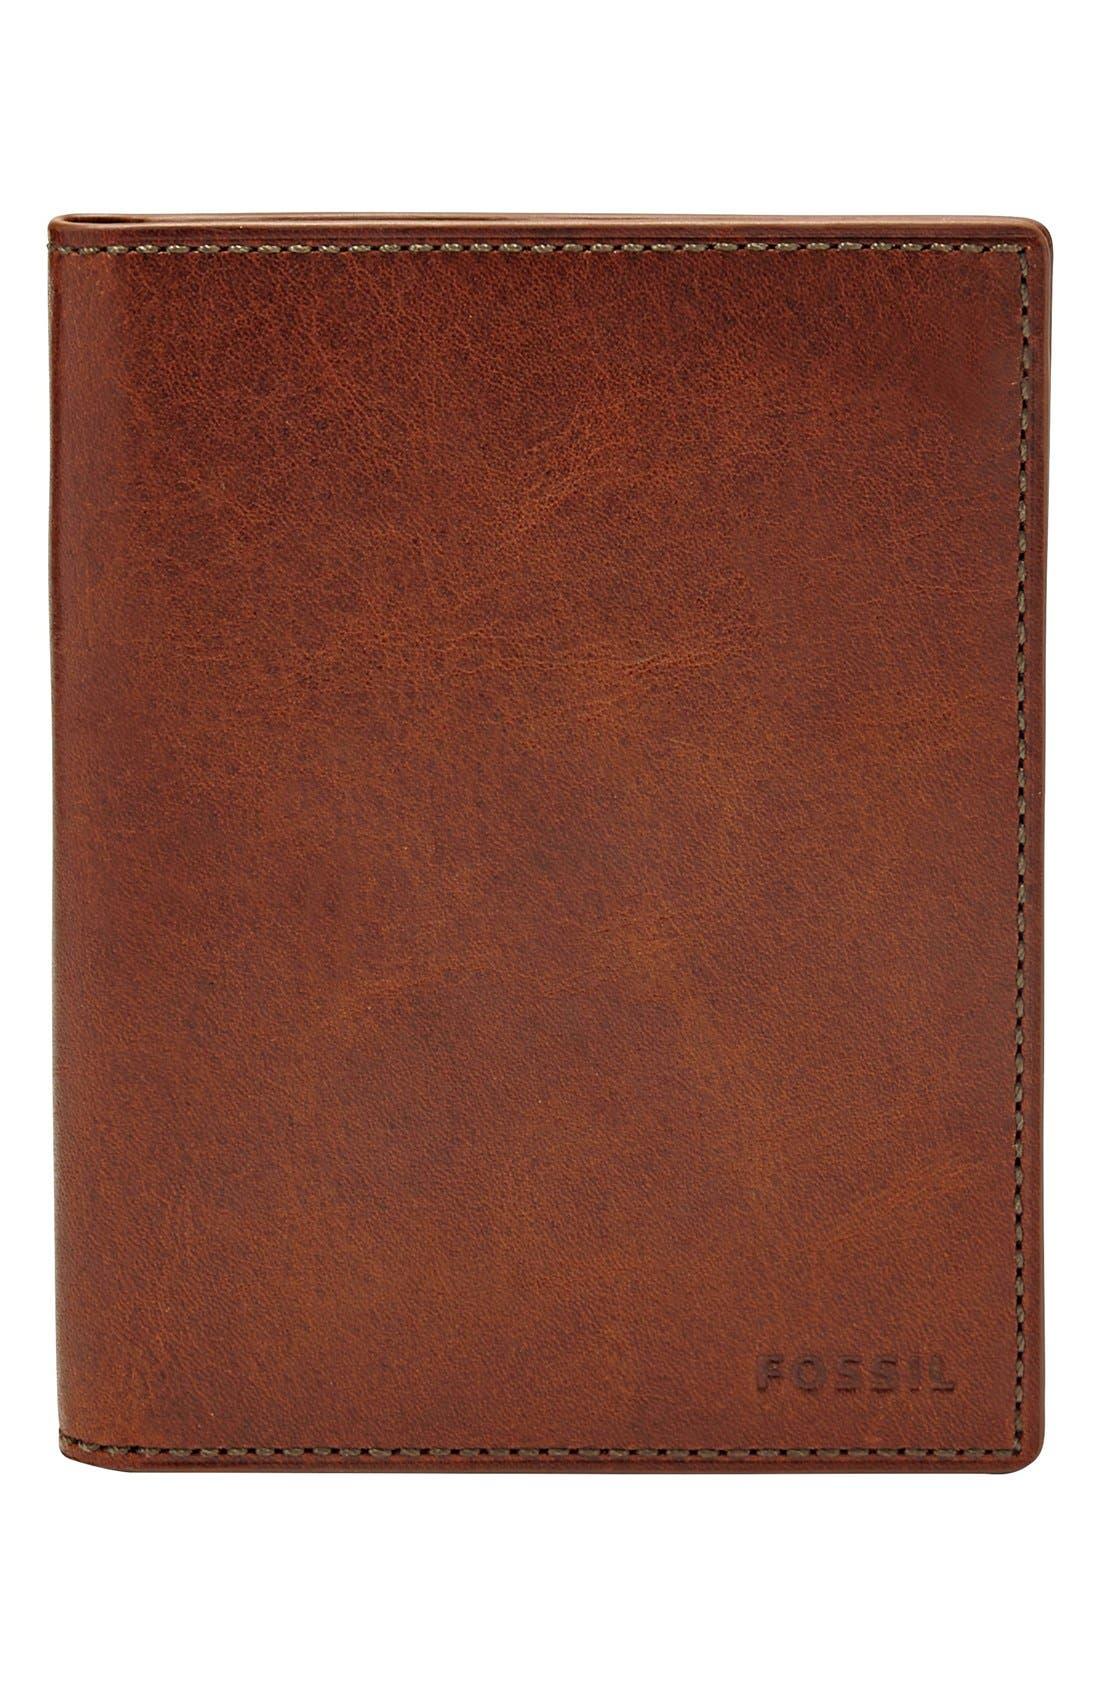 Leather Passport Case,                             Main thumbnail 1, color,                             Cognac